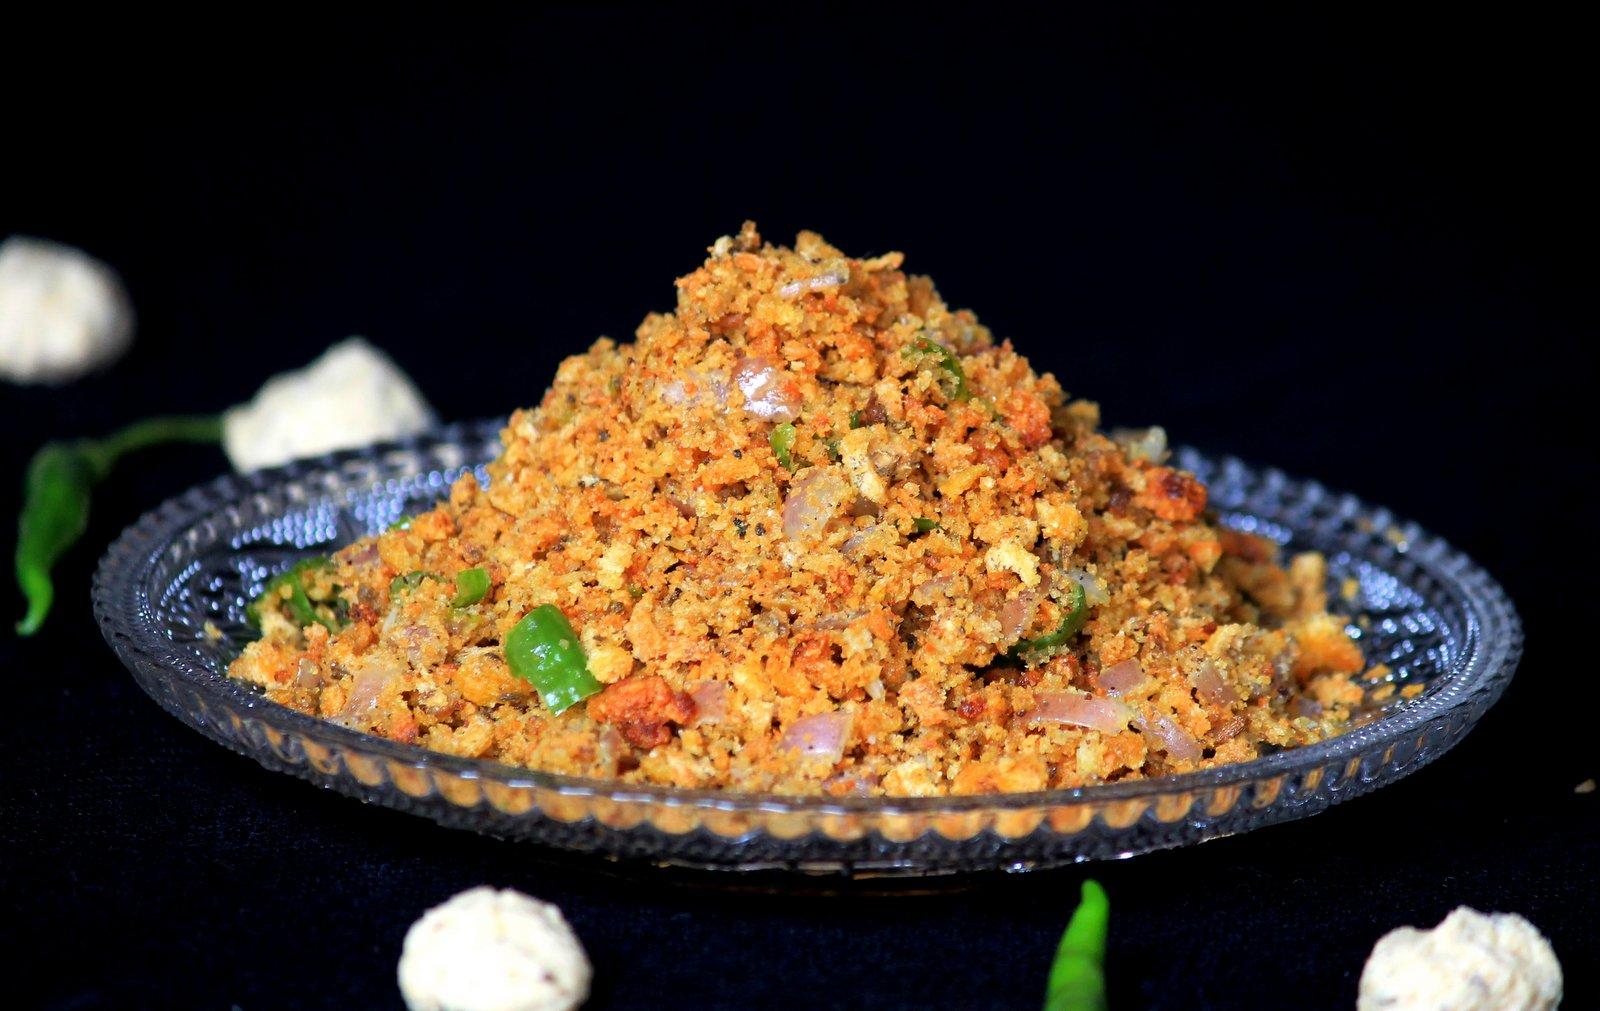 Oriya badi chura recipe sundried lentil dumpling crumble by oriya badi chura recipe sundried lentil dumpling crumble forumfinder Image collections